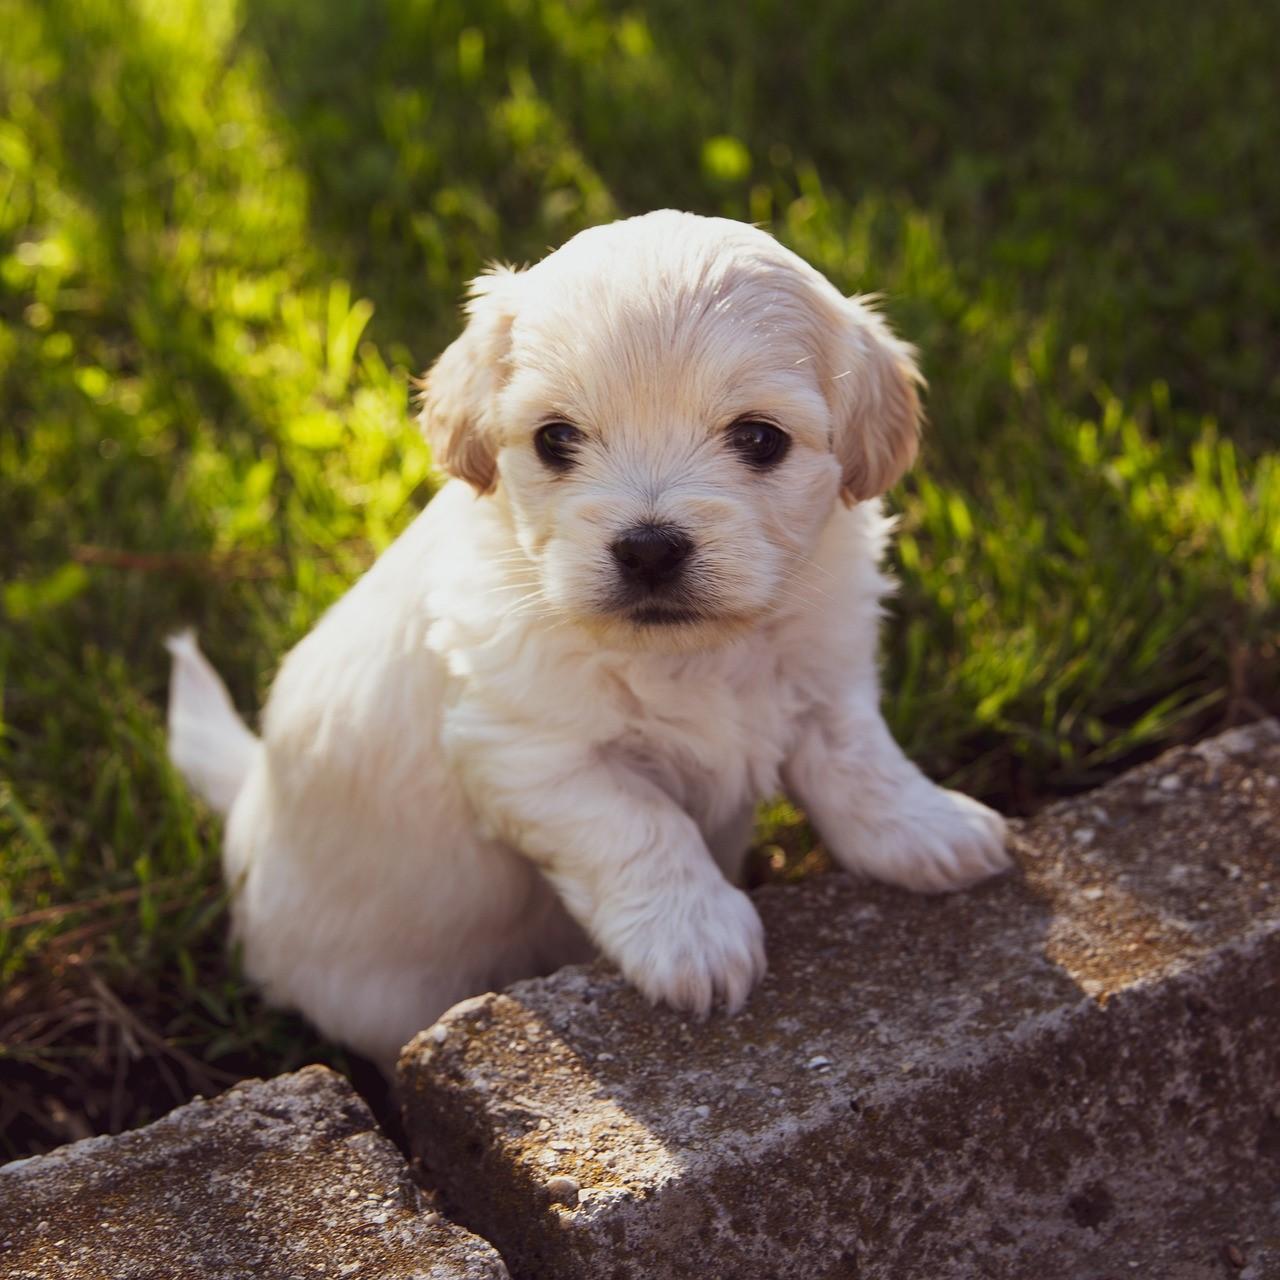 puppy-4234435_1920